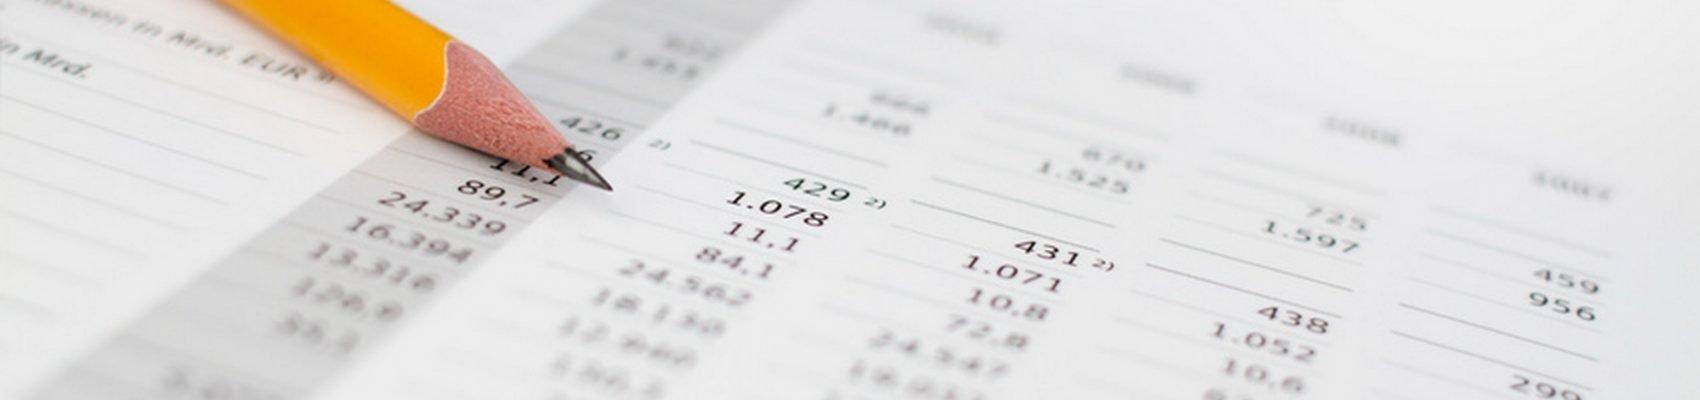 Rechnungsprüfungsausschuss